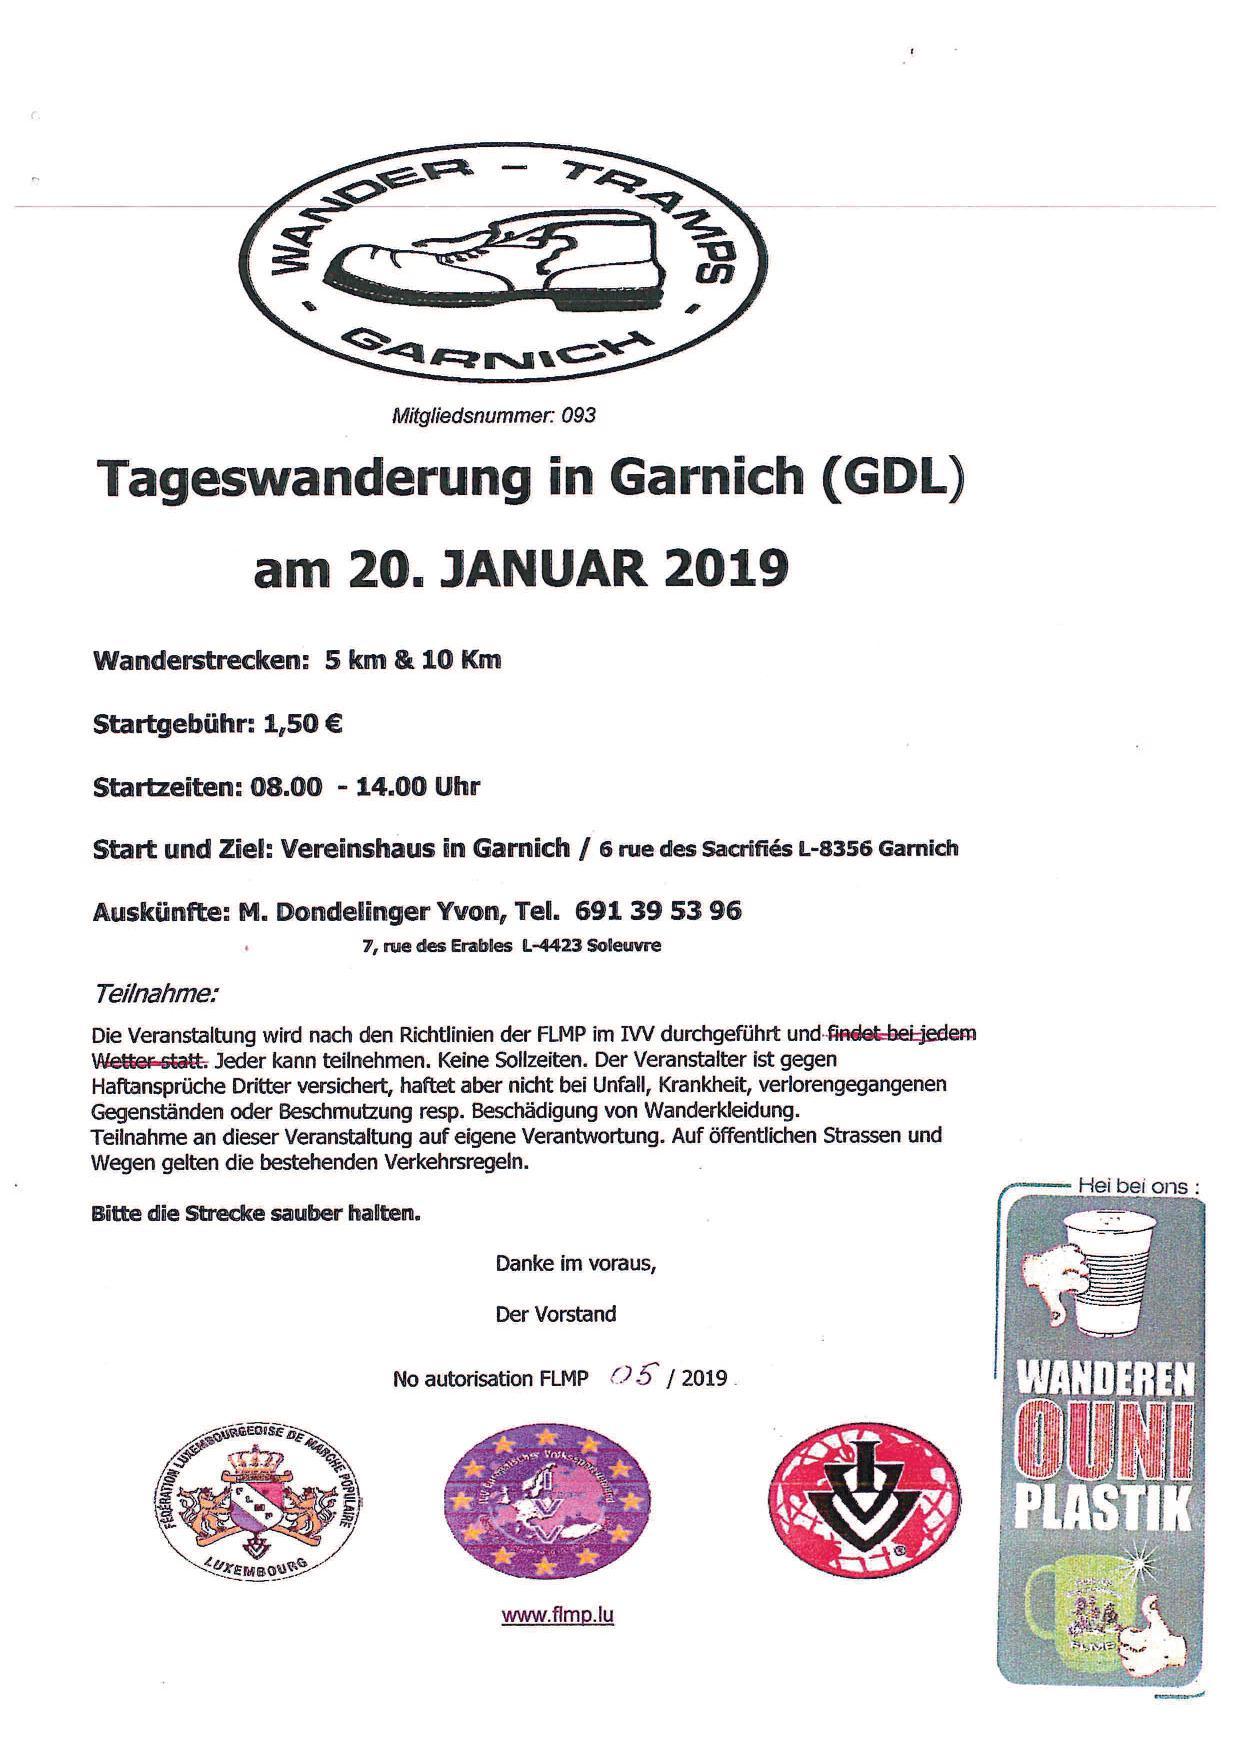 GARNICH FLMP IVV WANDERUNG